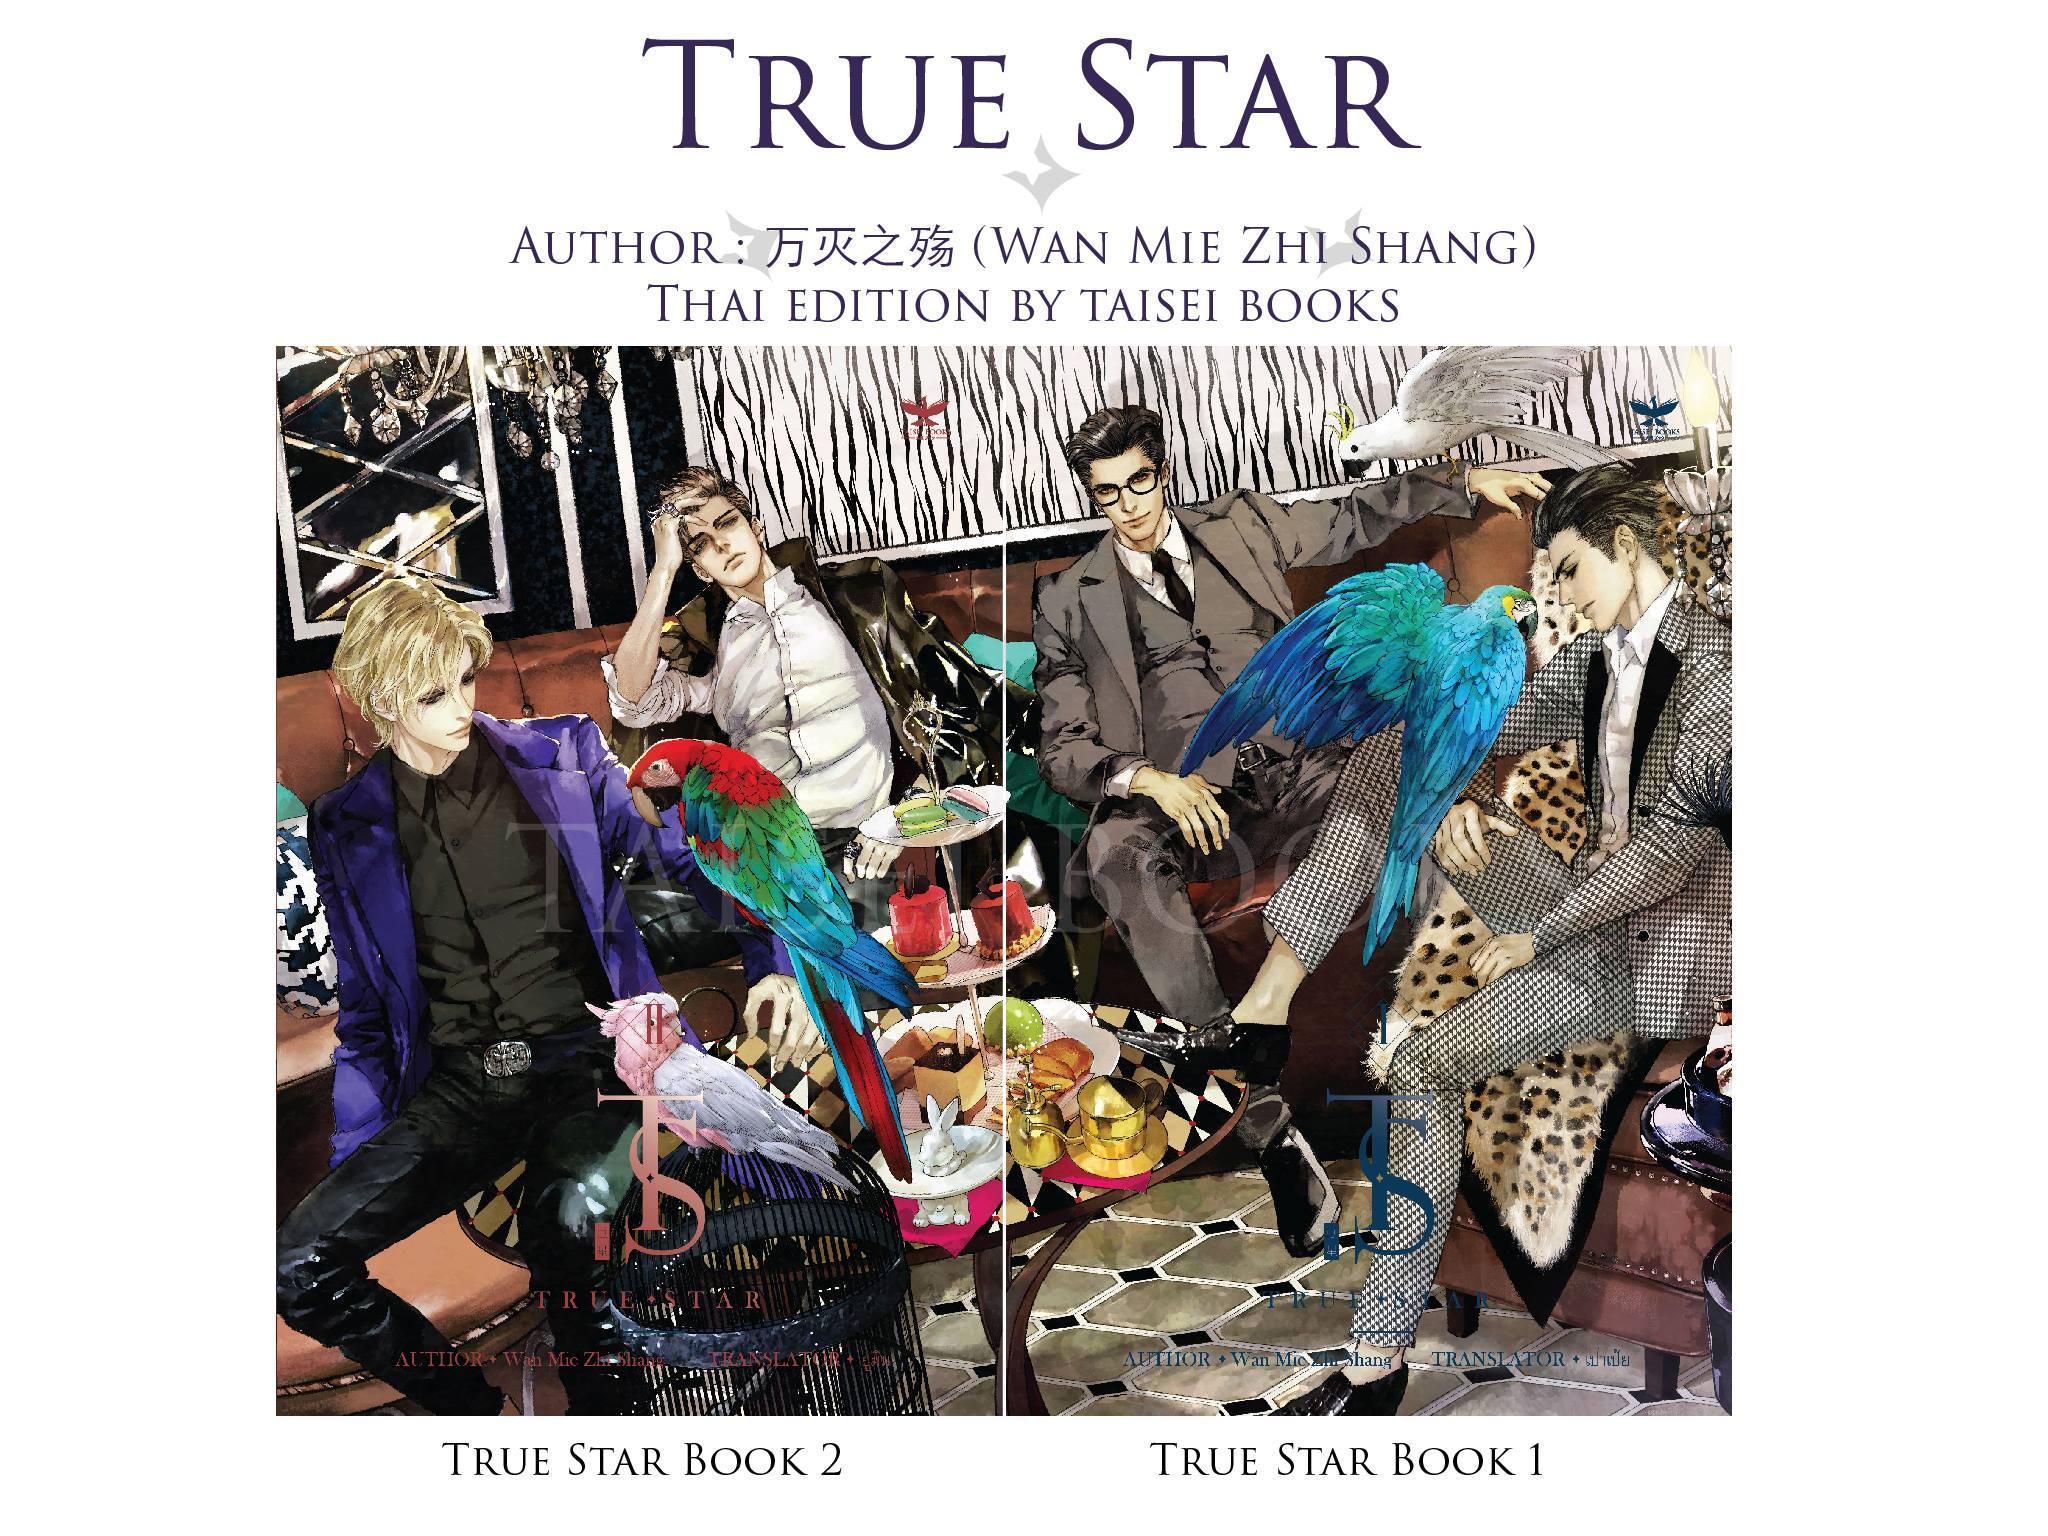 True Star เล่ม 1 และ เล่ม 2 By Wan Mie Zhi Shang มัดจำ 800 ค่าเช่า 160b.